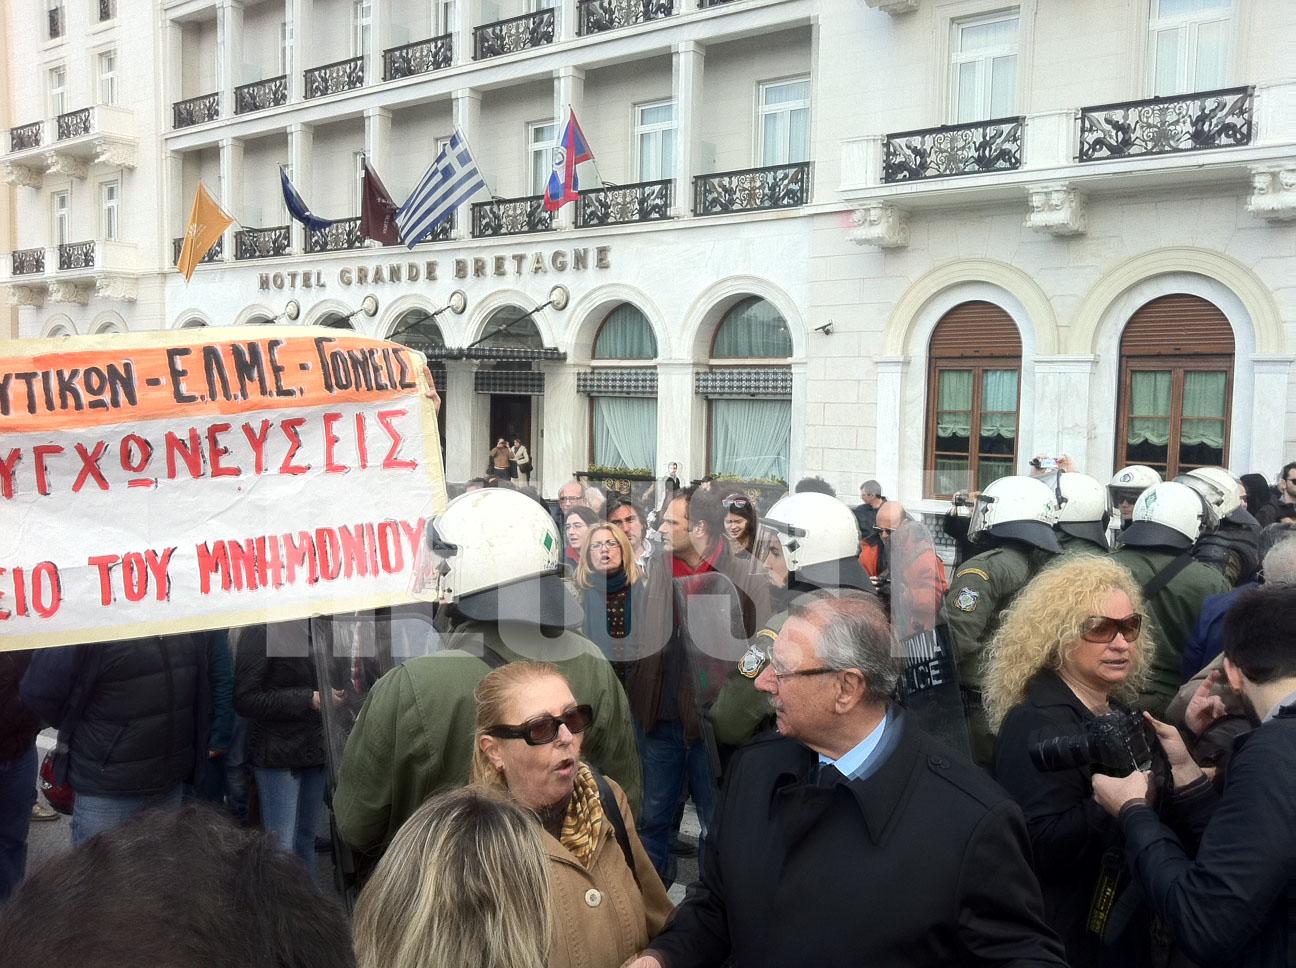 ΩΡΑ 11.50 Οι διαμαρτυρόμενοι έξω από τη Μ.Βρετανία